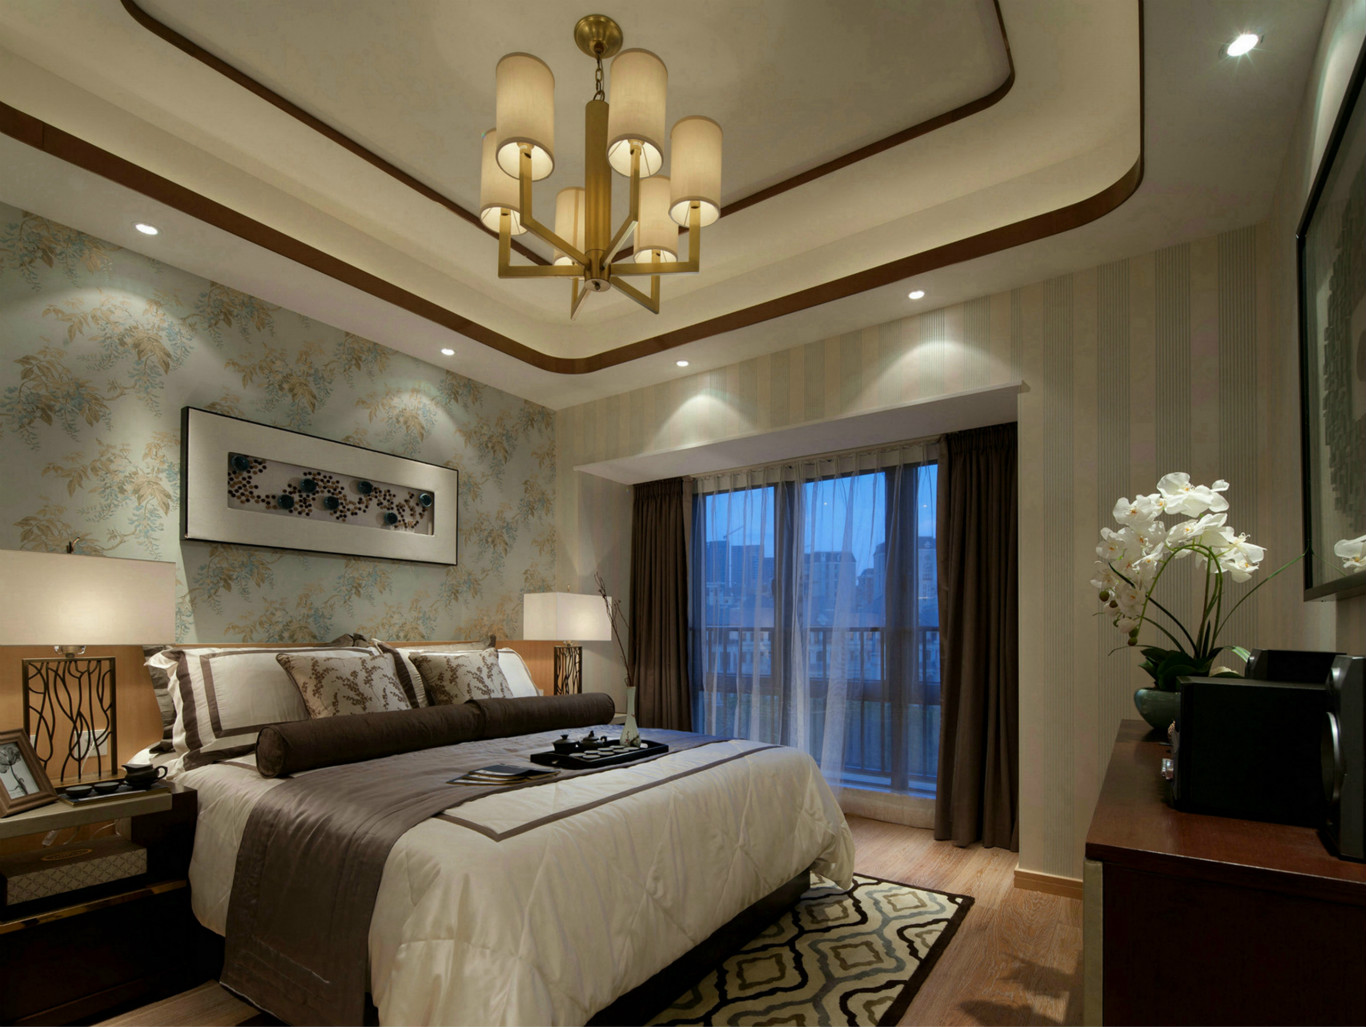 主卧以米白色为基础色,配色舒适自然。宁静的空间增添了几分生动气息